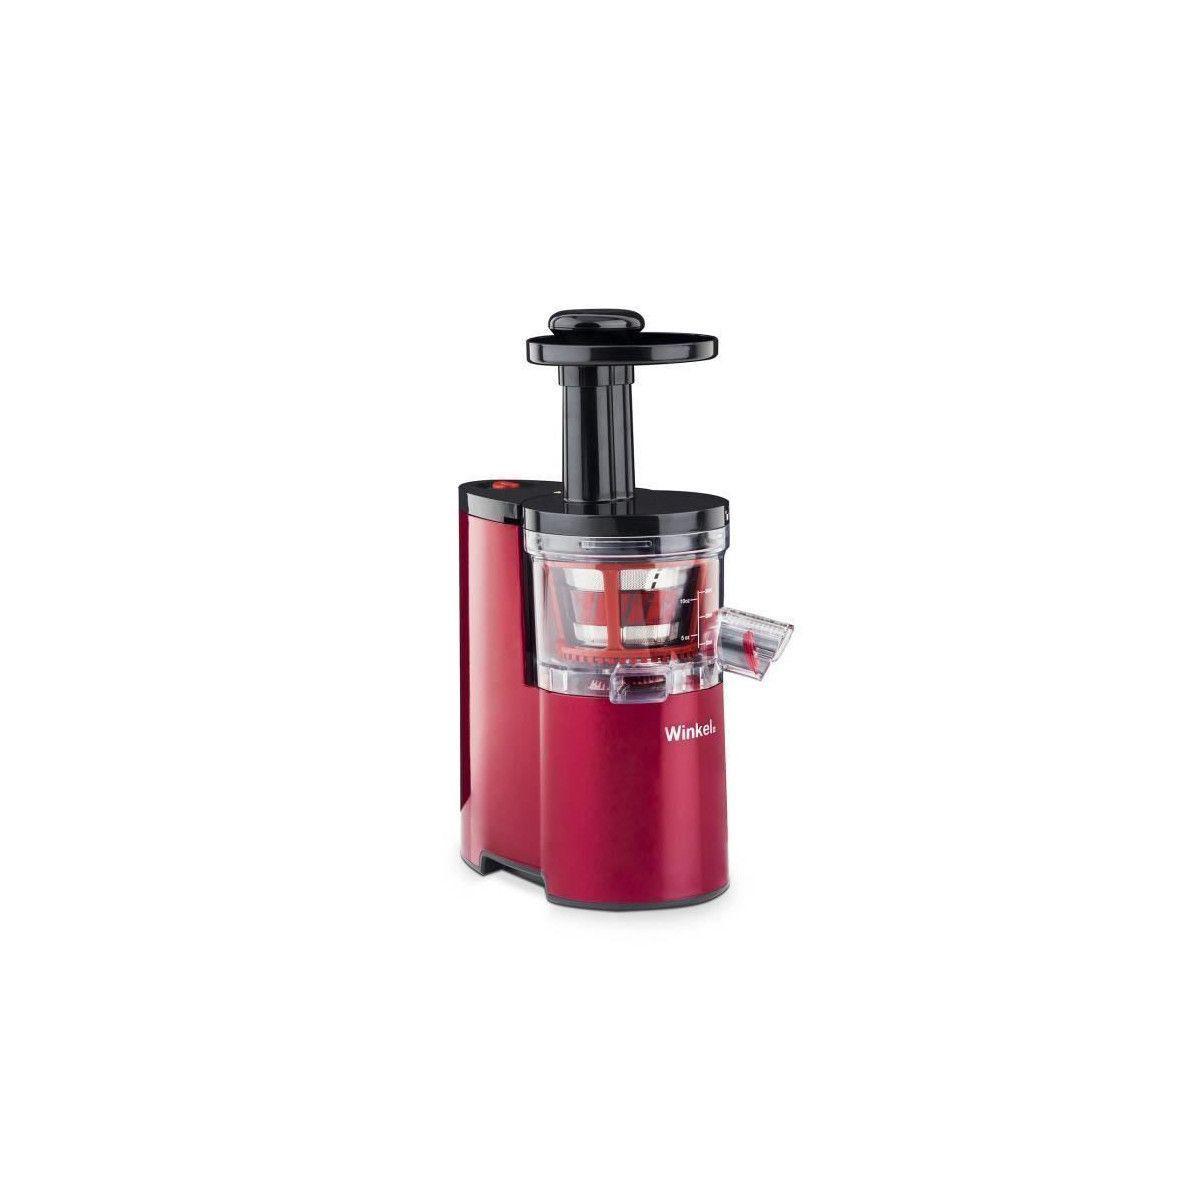 Winkel Winkel Sx24 - Extracteur De Jus Basse Vitesse - Rouge